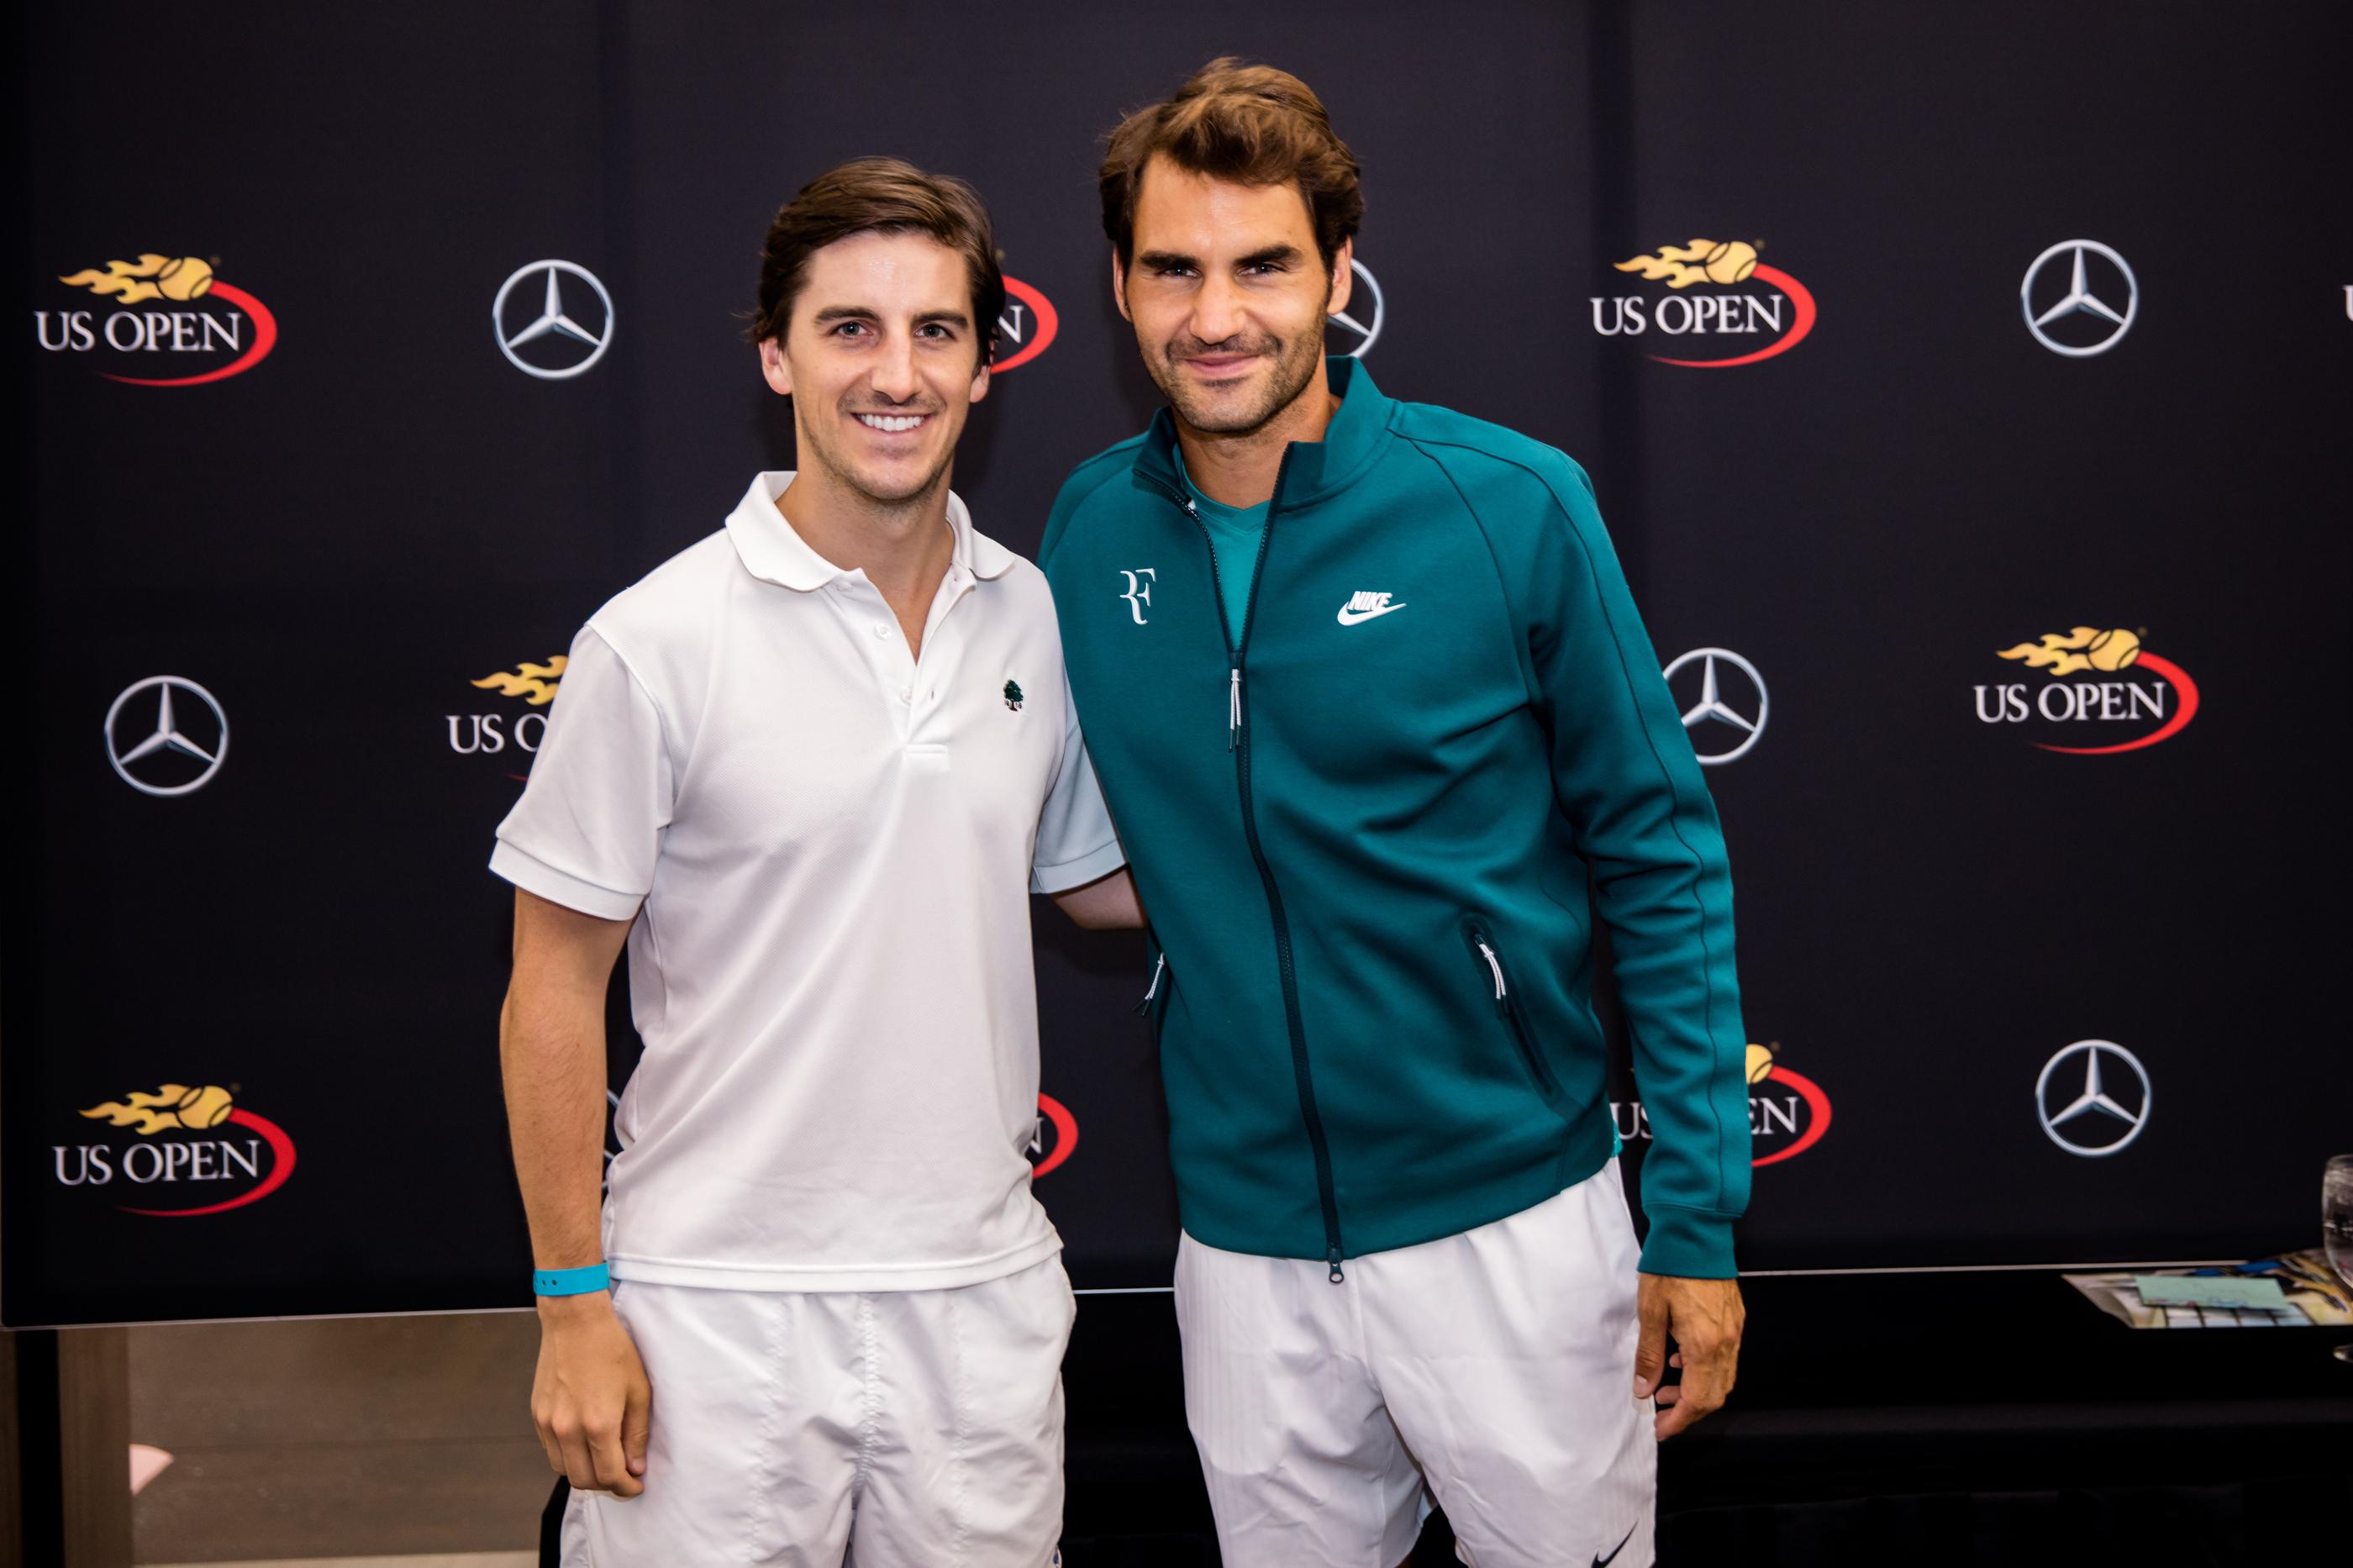 Roger federer mercedes benz tennis clinic roger federer for Roger federer mercedes benz contract